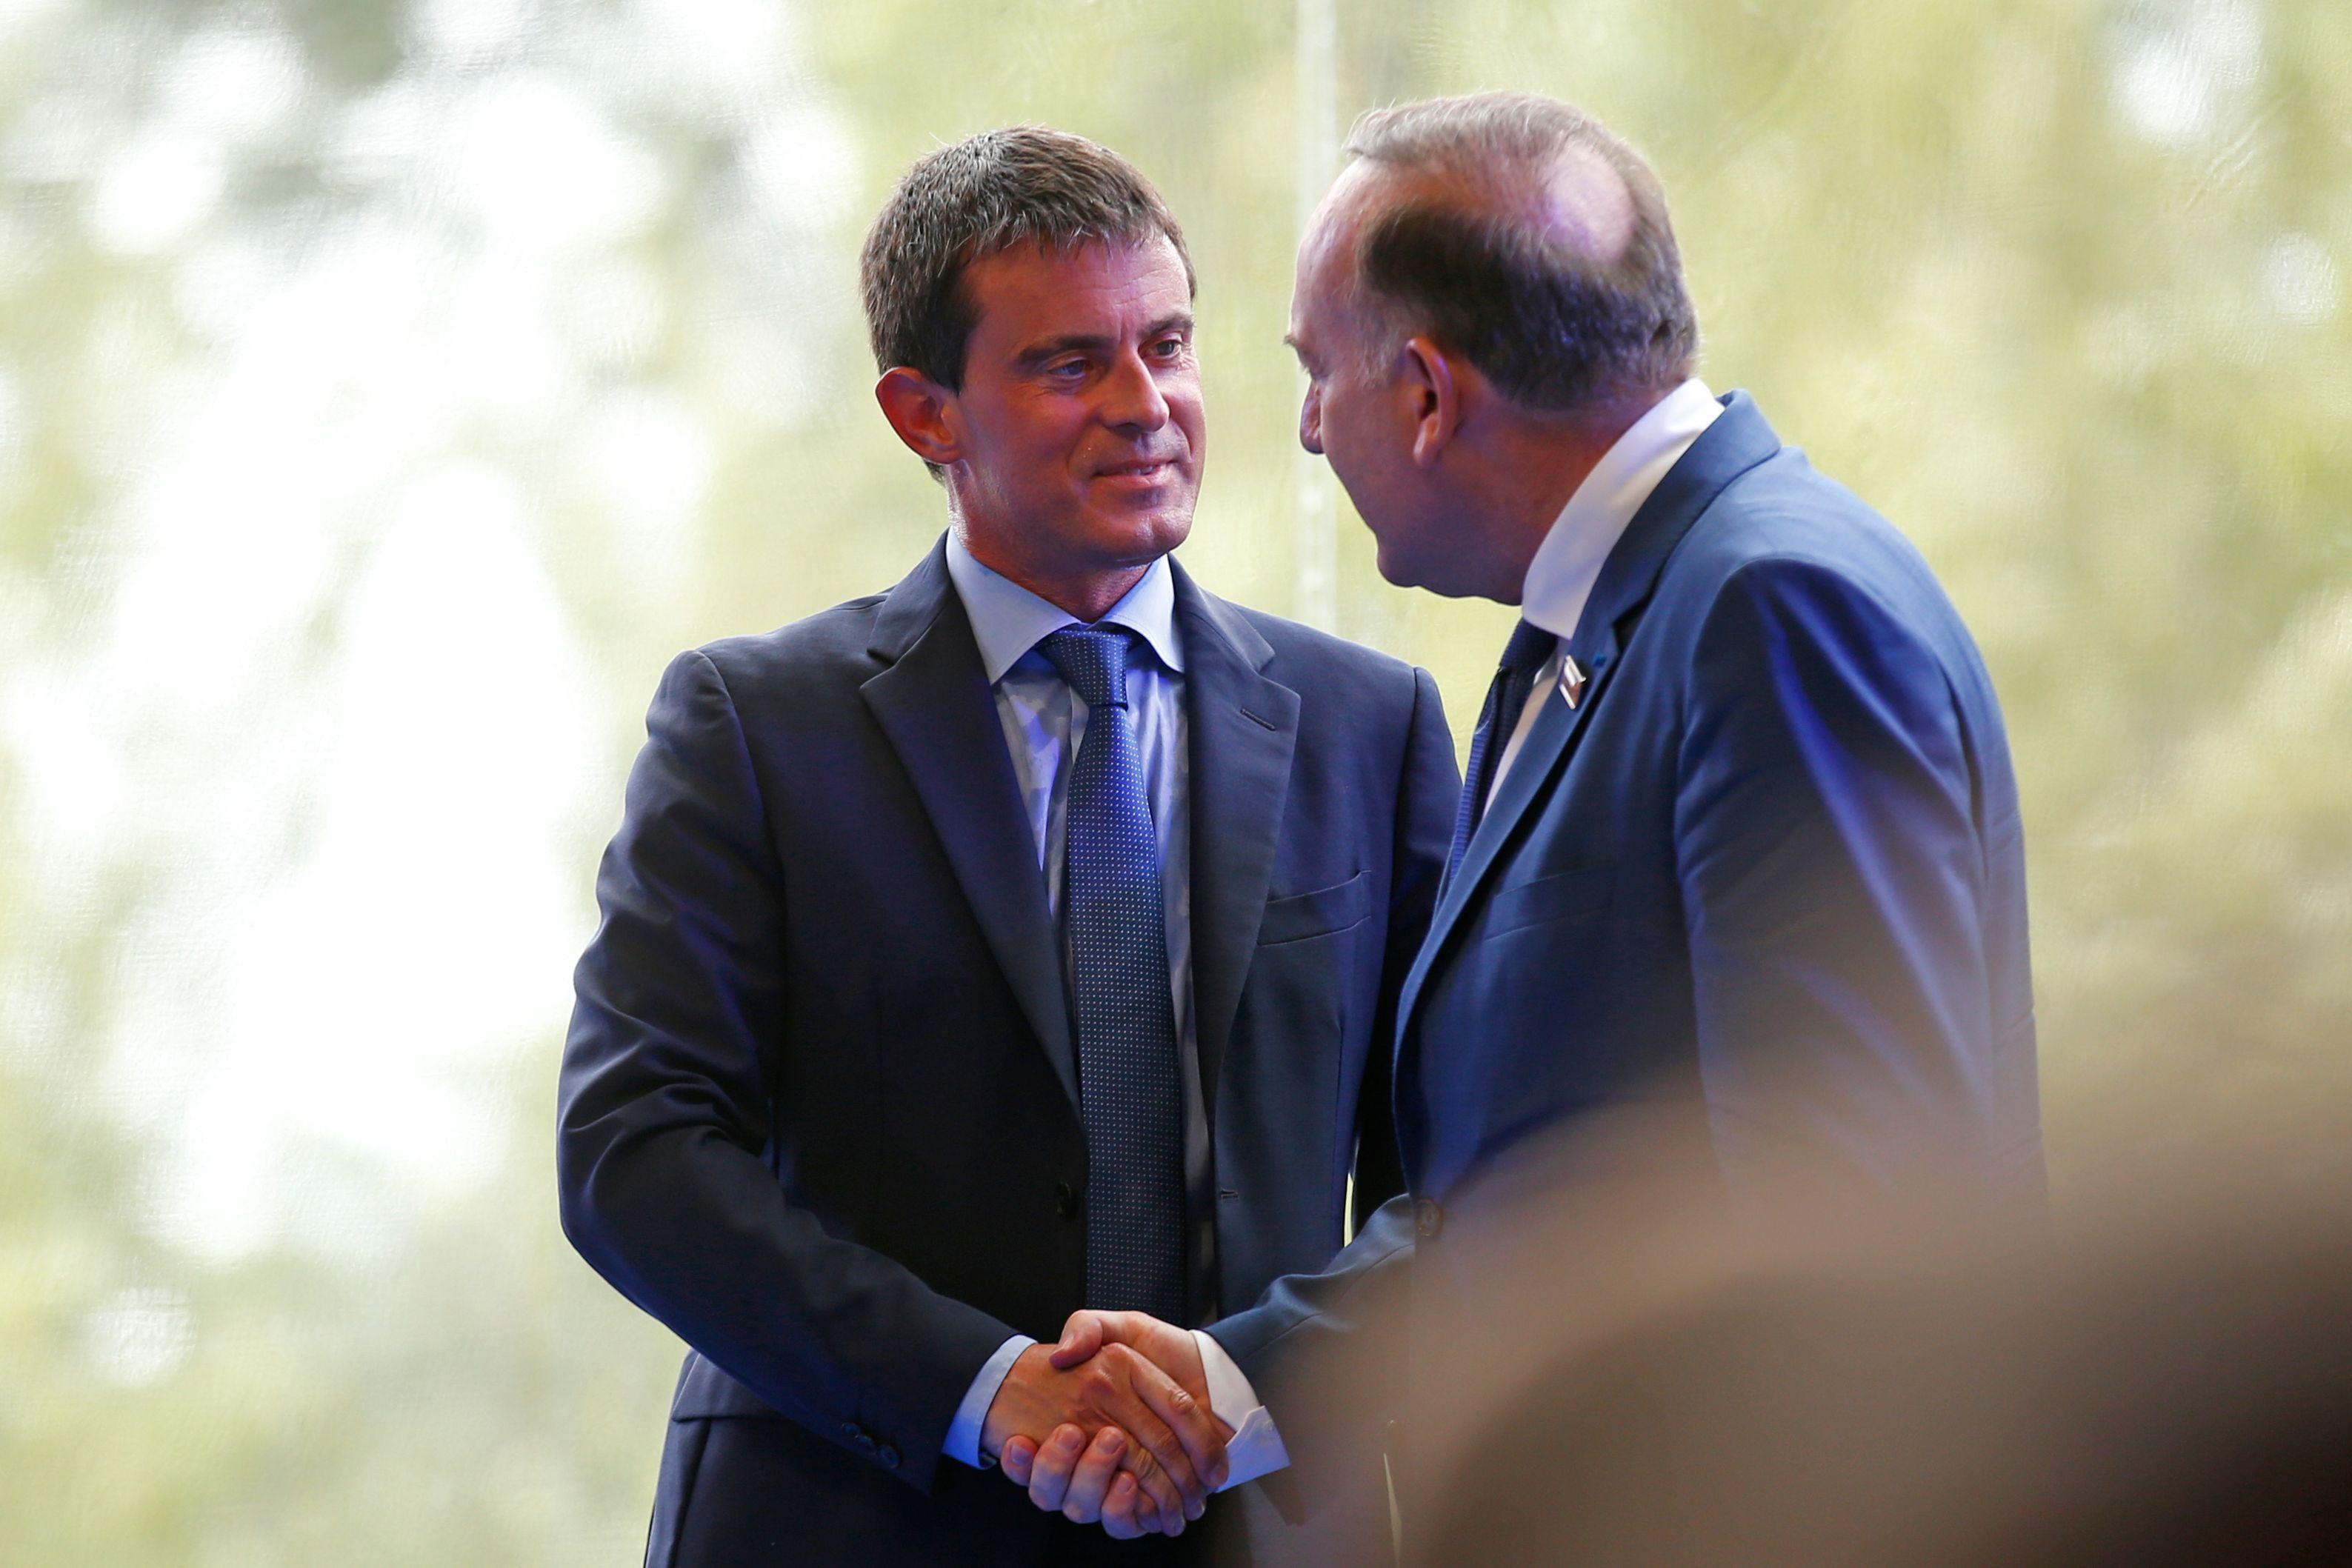 En coulisse, Pierre Gattaz ne s'en cache pas : il faut épargner Manuel Valls.